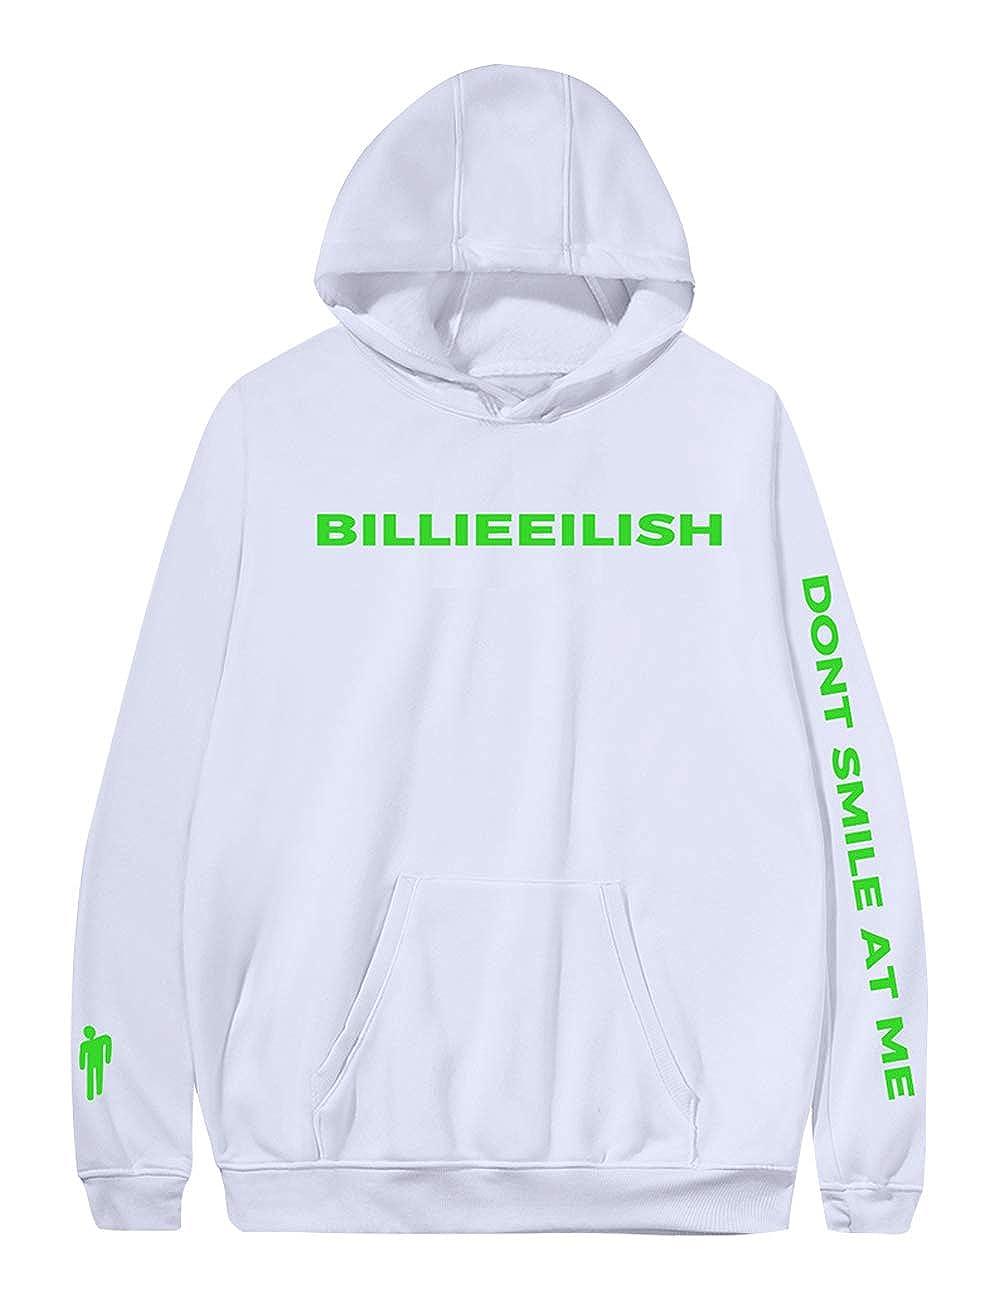 Billie Eilish Felpa When We all Fall Asleep Felpa con Cappuccio Hooded Pullover Ragazze Sweater Sweatshirt Donna Maglione Maniche Billie Eilish Felpa